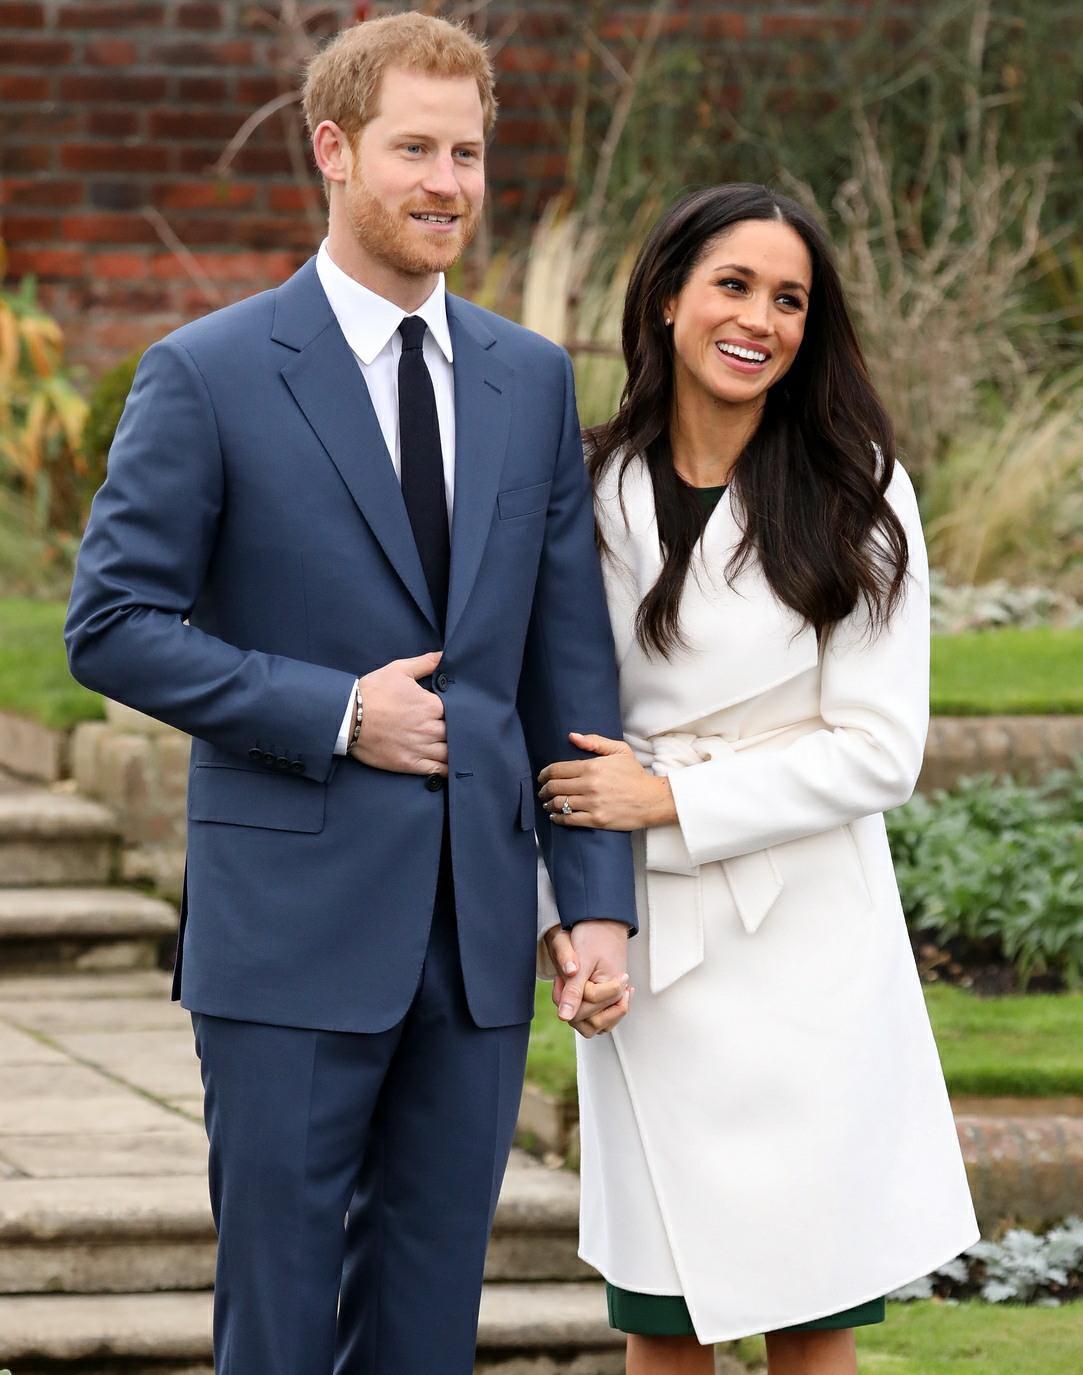 el Príncipe Harry y Meghan Markle en una sesión de fotos para anunciar oficialmente su participación en el Jardín Hundido en el Palacio de Kensington